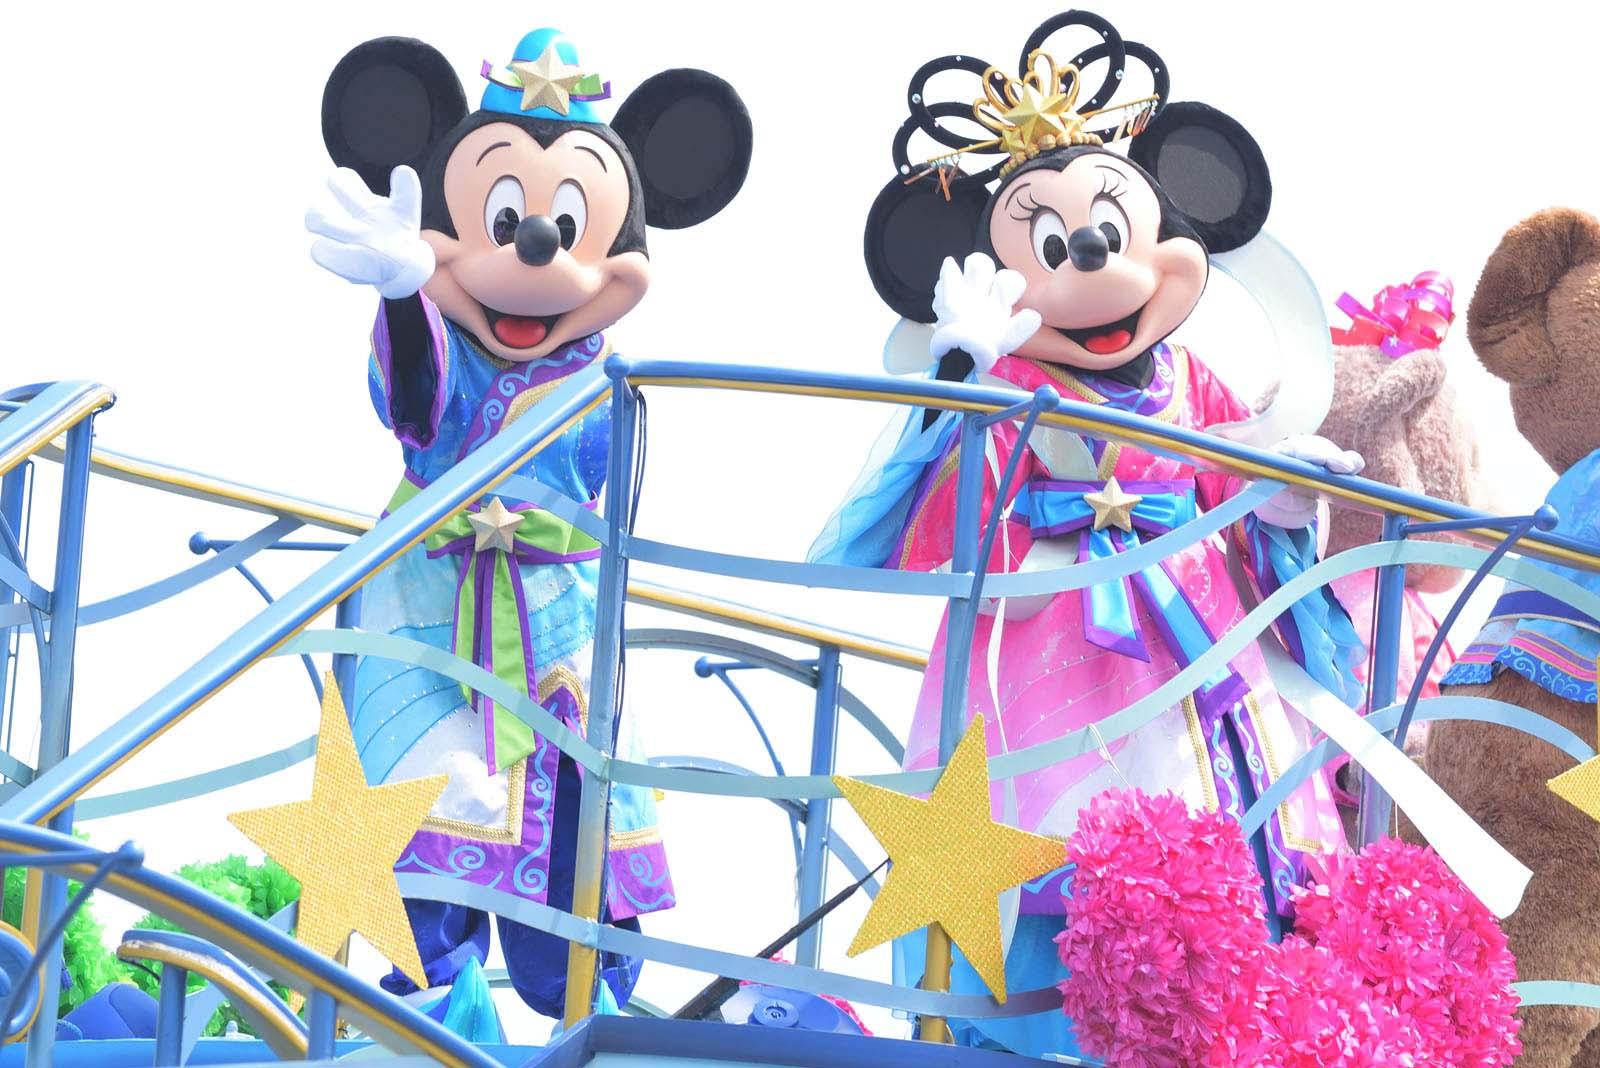 東京ディズニーシー 七夕グリーティング2019 ミッキー ミニー